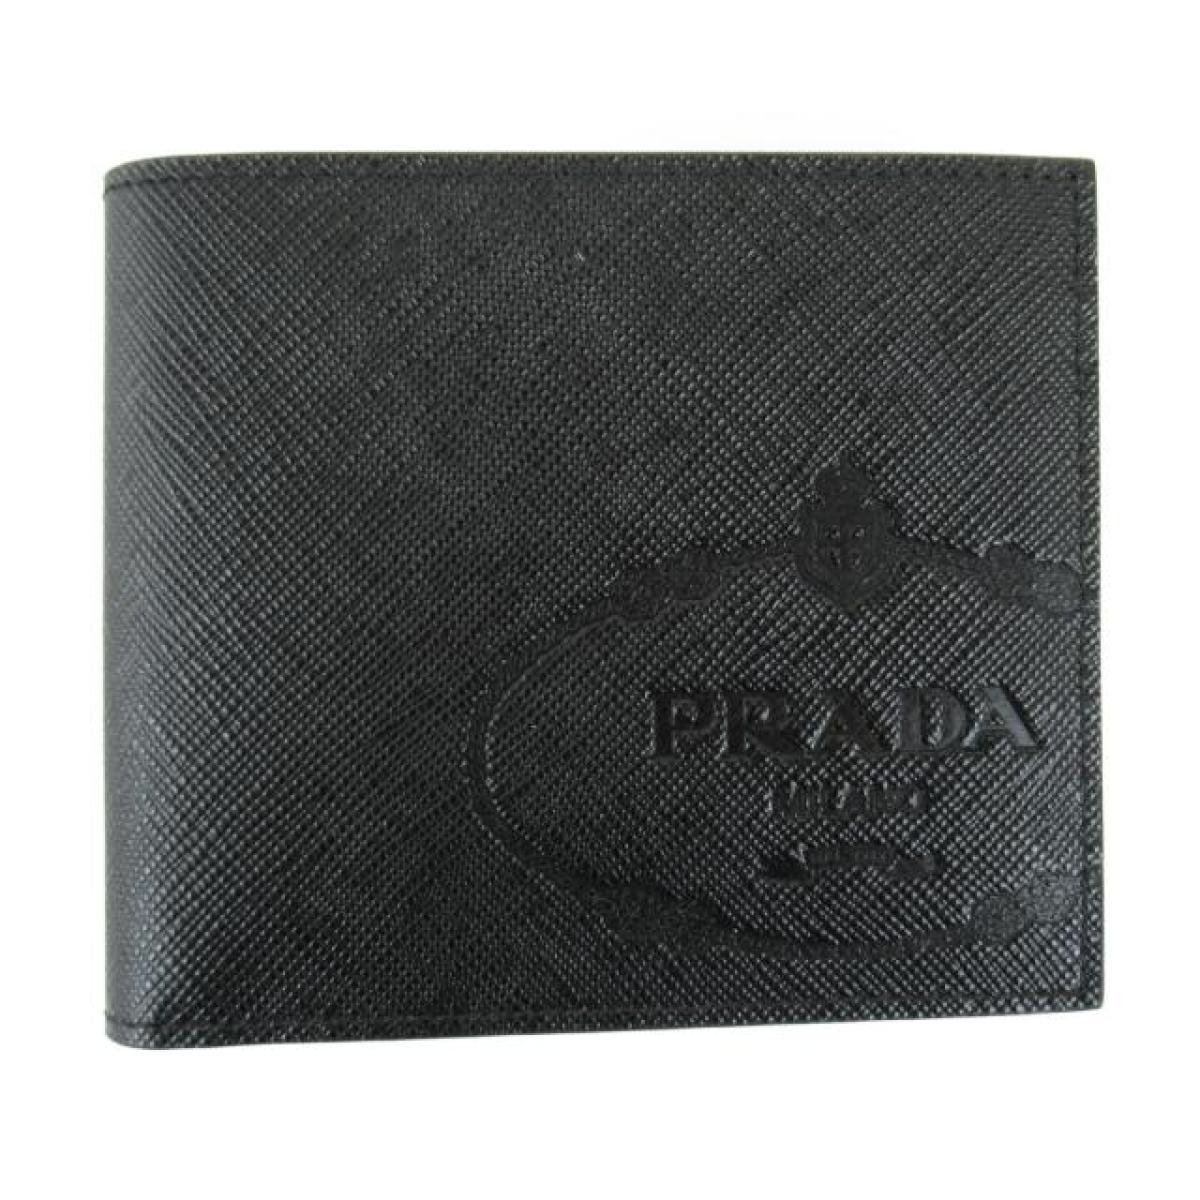 プラダ SLG サフィアーノ 二つ折り財布 札入れ メンズ レディース サフィアーノレザー ブラック (2MO5132MB8F0002)   PRADA BRANDOFF ブランドオフ ブランド ブランド財布 財布 レディース財布 サイフ